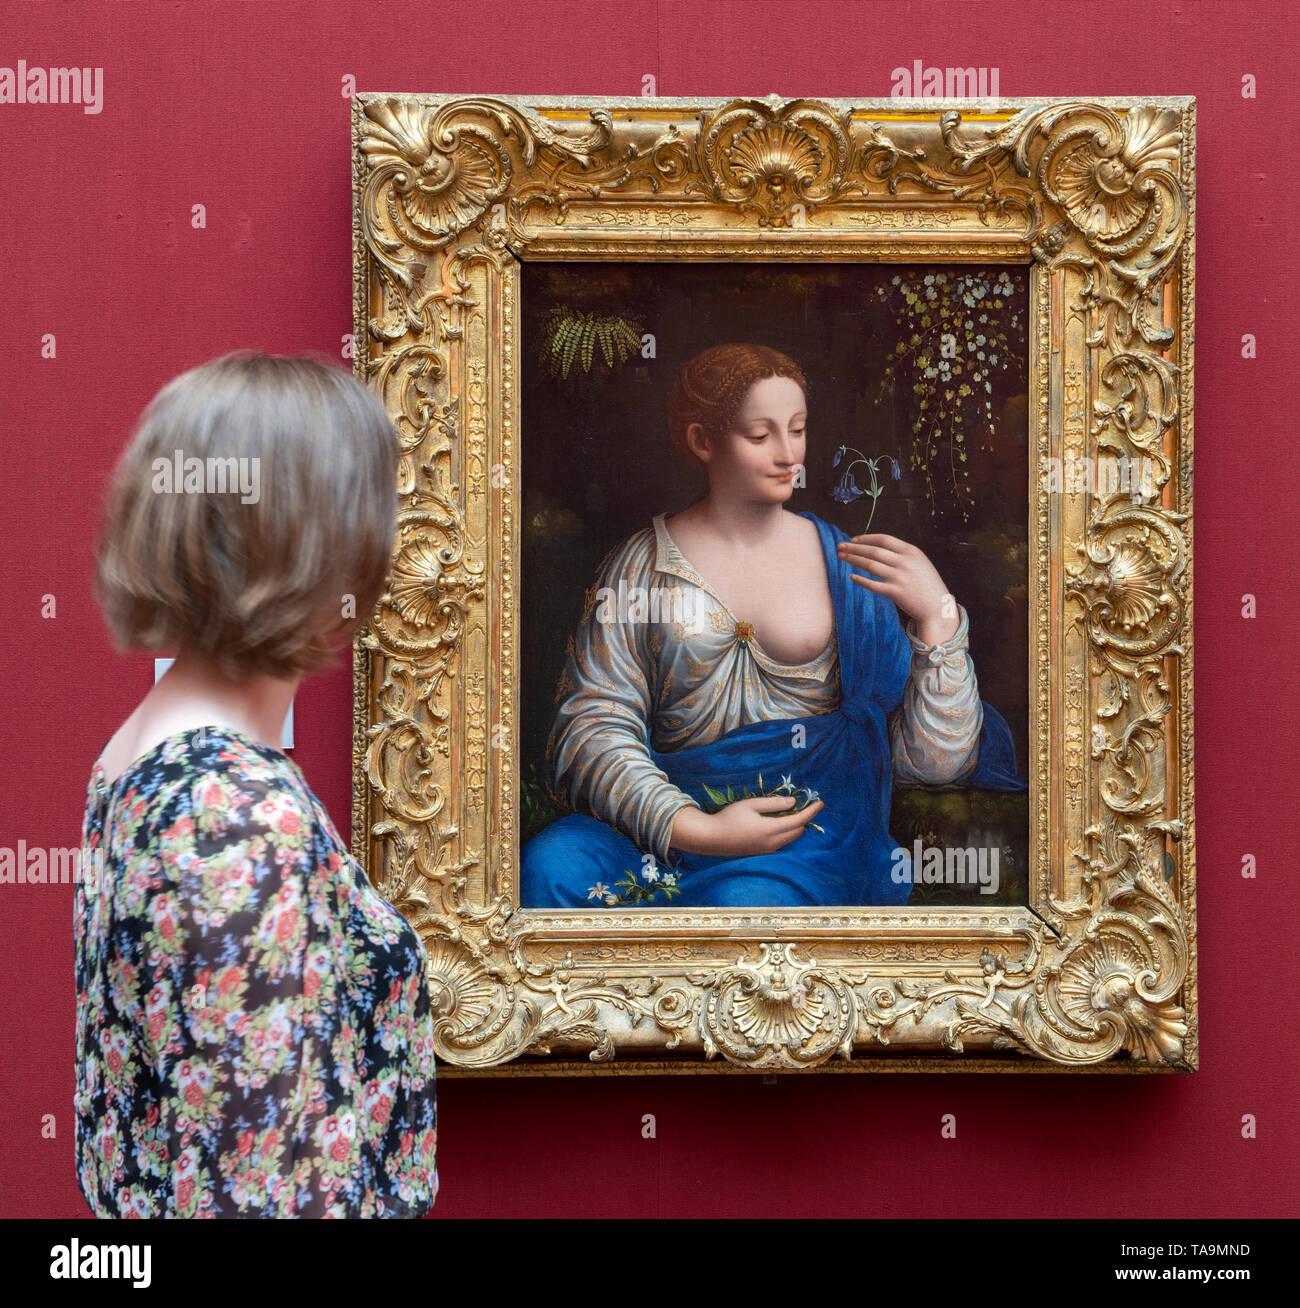 National Gallery, London, UK. 23. Mai 2019. Leonardo's Legacy: Francesco Melzi und der Leonardeschi Ausstellung. Die National Gallery ist der 500. Geburtstag von Leonardo da Vinci's Tod mit einer Anzeige bei der Präsentation der außergewöhnlichen Darlehen von den kürzlich restaurierten Flora (ca. 1520) von Francesco Melzi aus der Eremitage, St. Petersburg. Dies ist das erste Mal das Gemälde in der UK gesehen worden ist und zum ersten Mal außerhalb Russlands zu sehen ist seit seiner Restaurierung. Credit: Malcolm Park/Alamy Leben Nachrichten. Stockbild